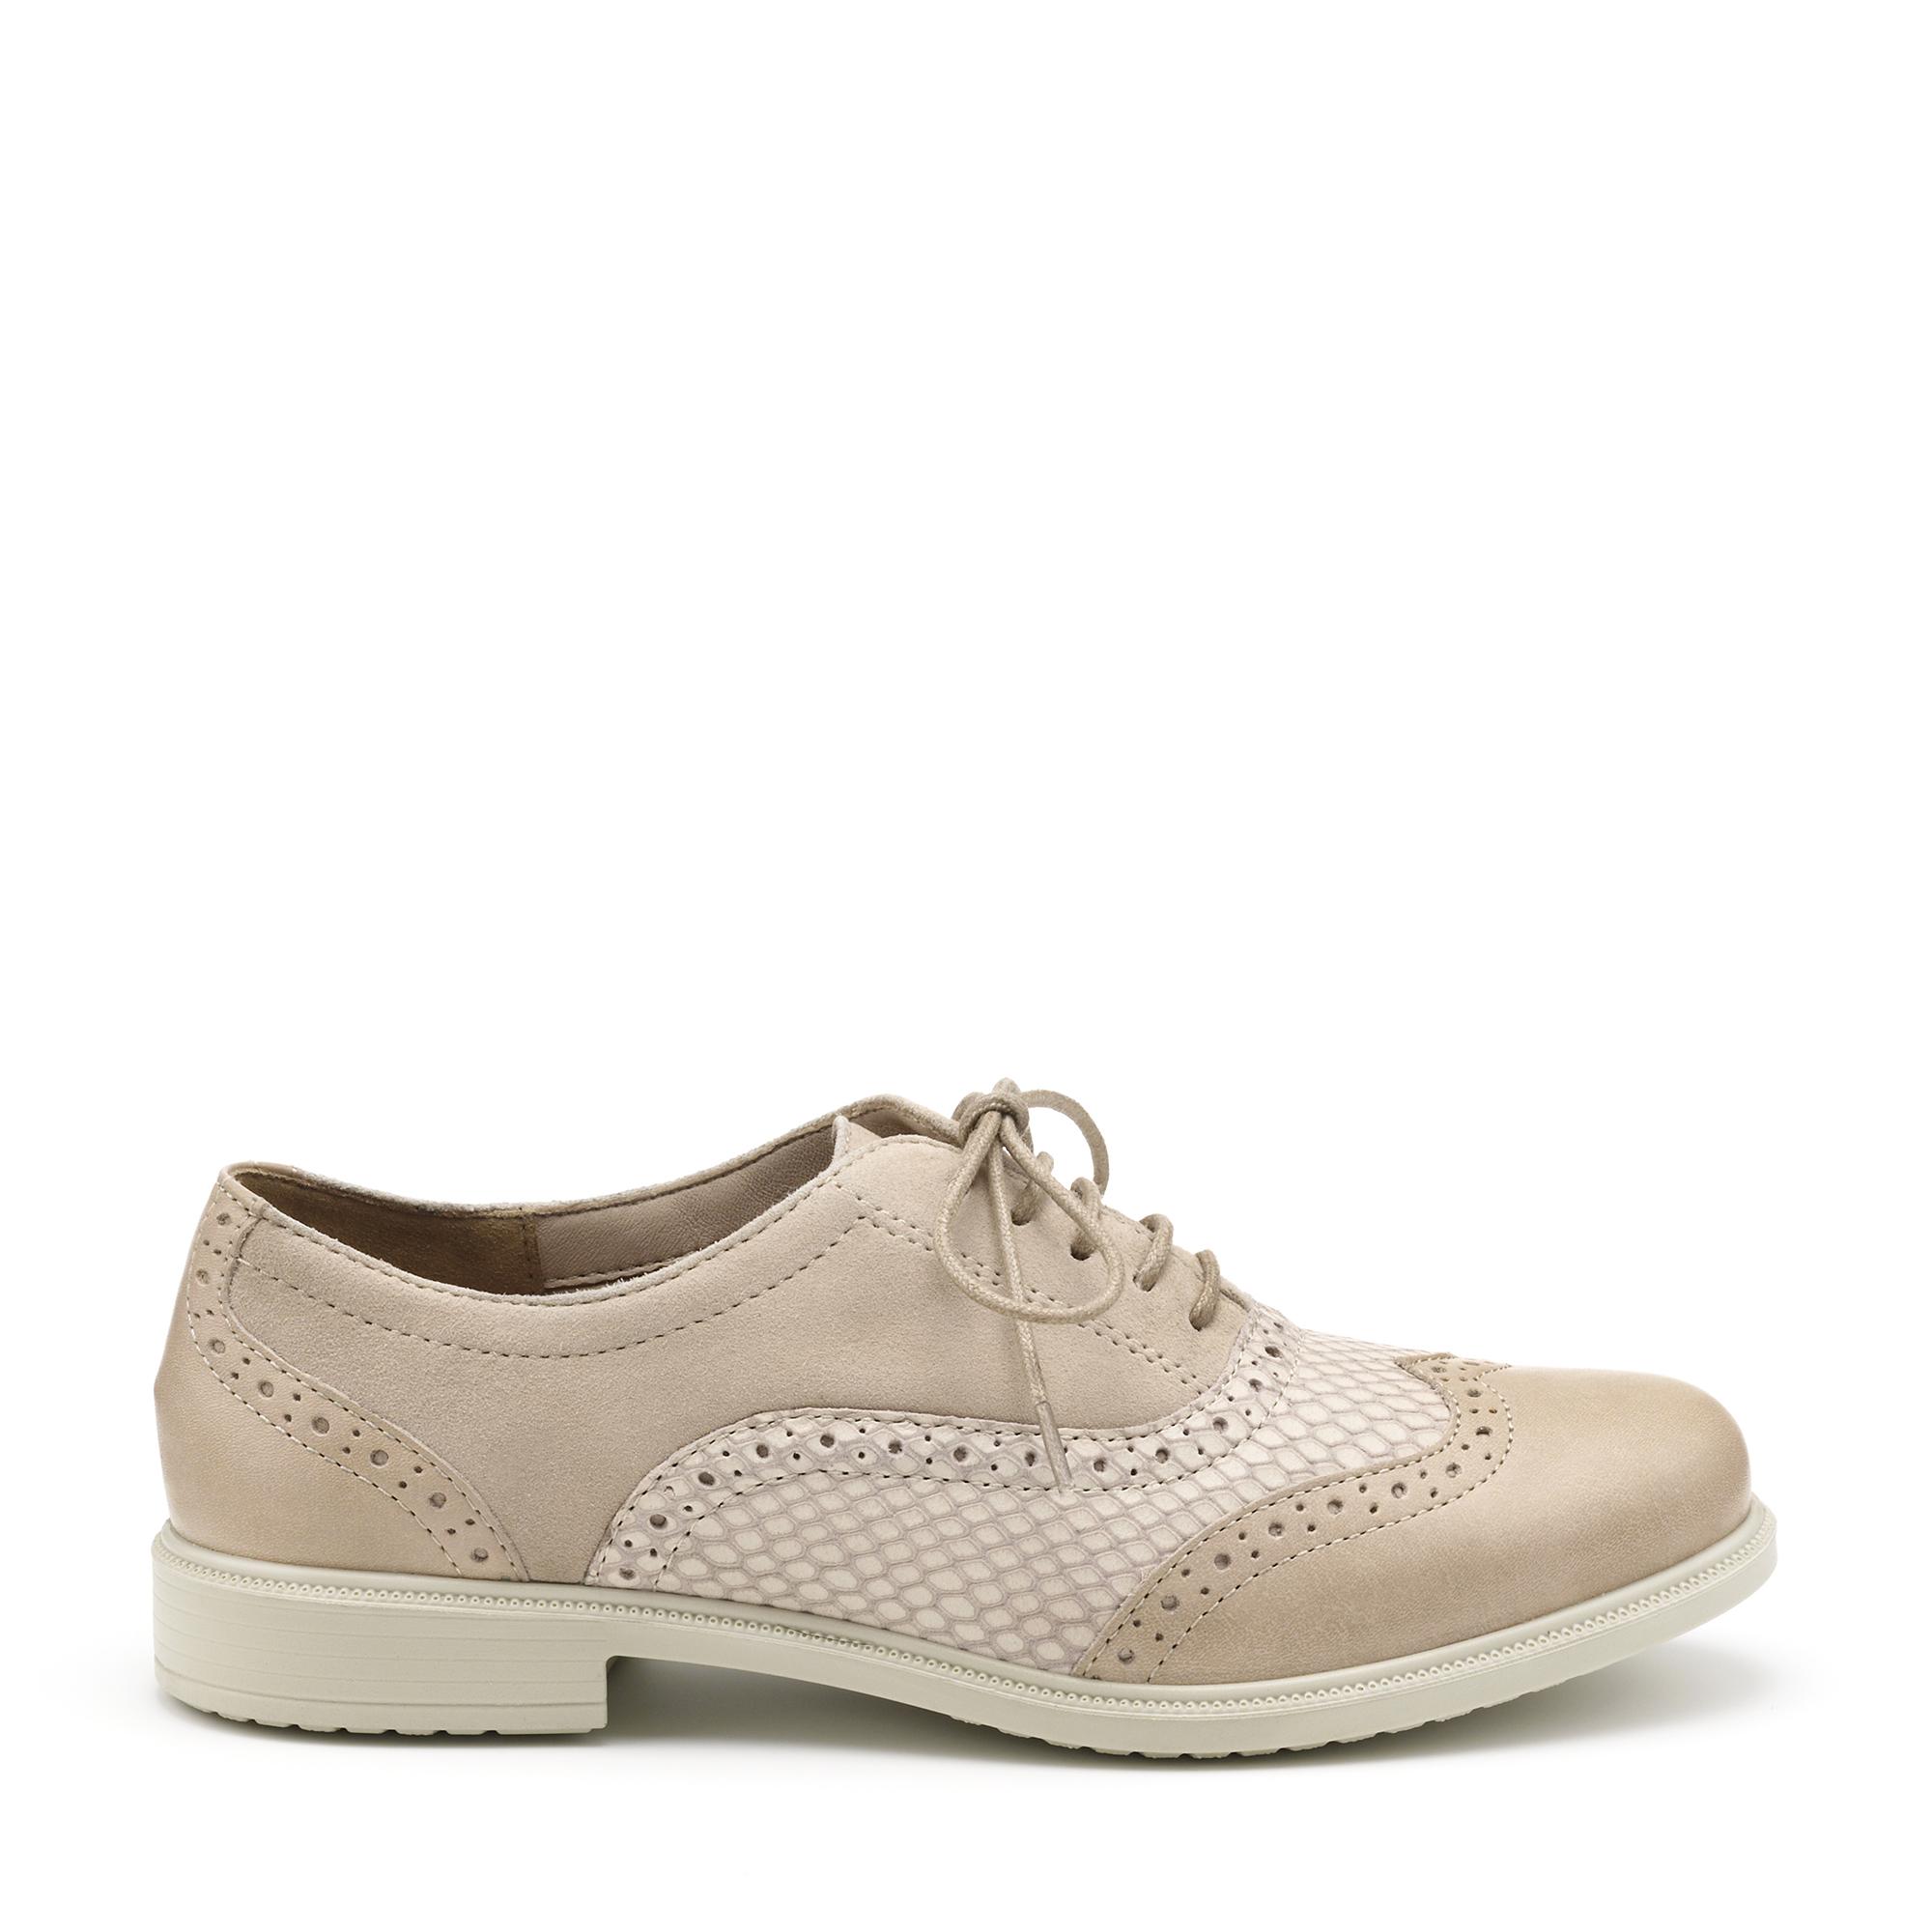 Hotter-Mujer-Village-Senoras-Elegante-Con-Cordones-Zapatos-Calzado-Zapatillas